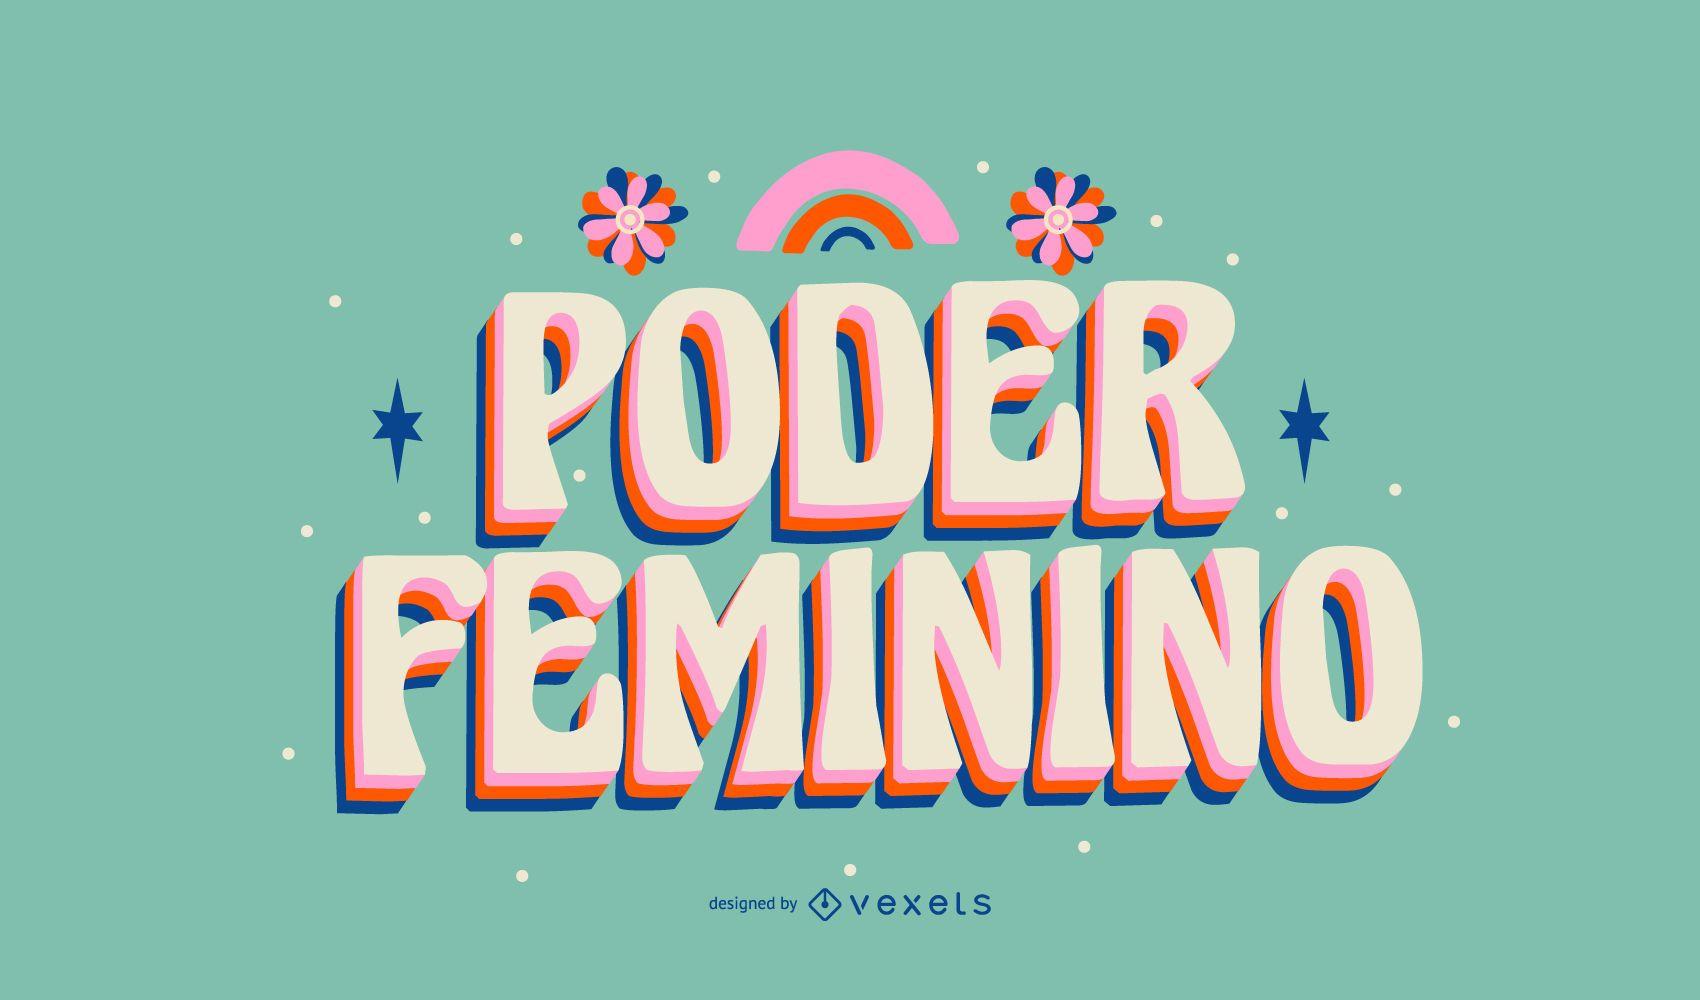 Letras em portugu?s do dia da mulher